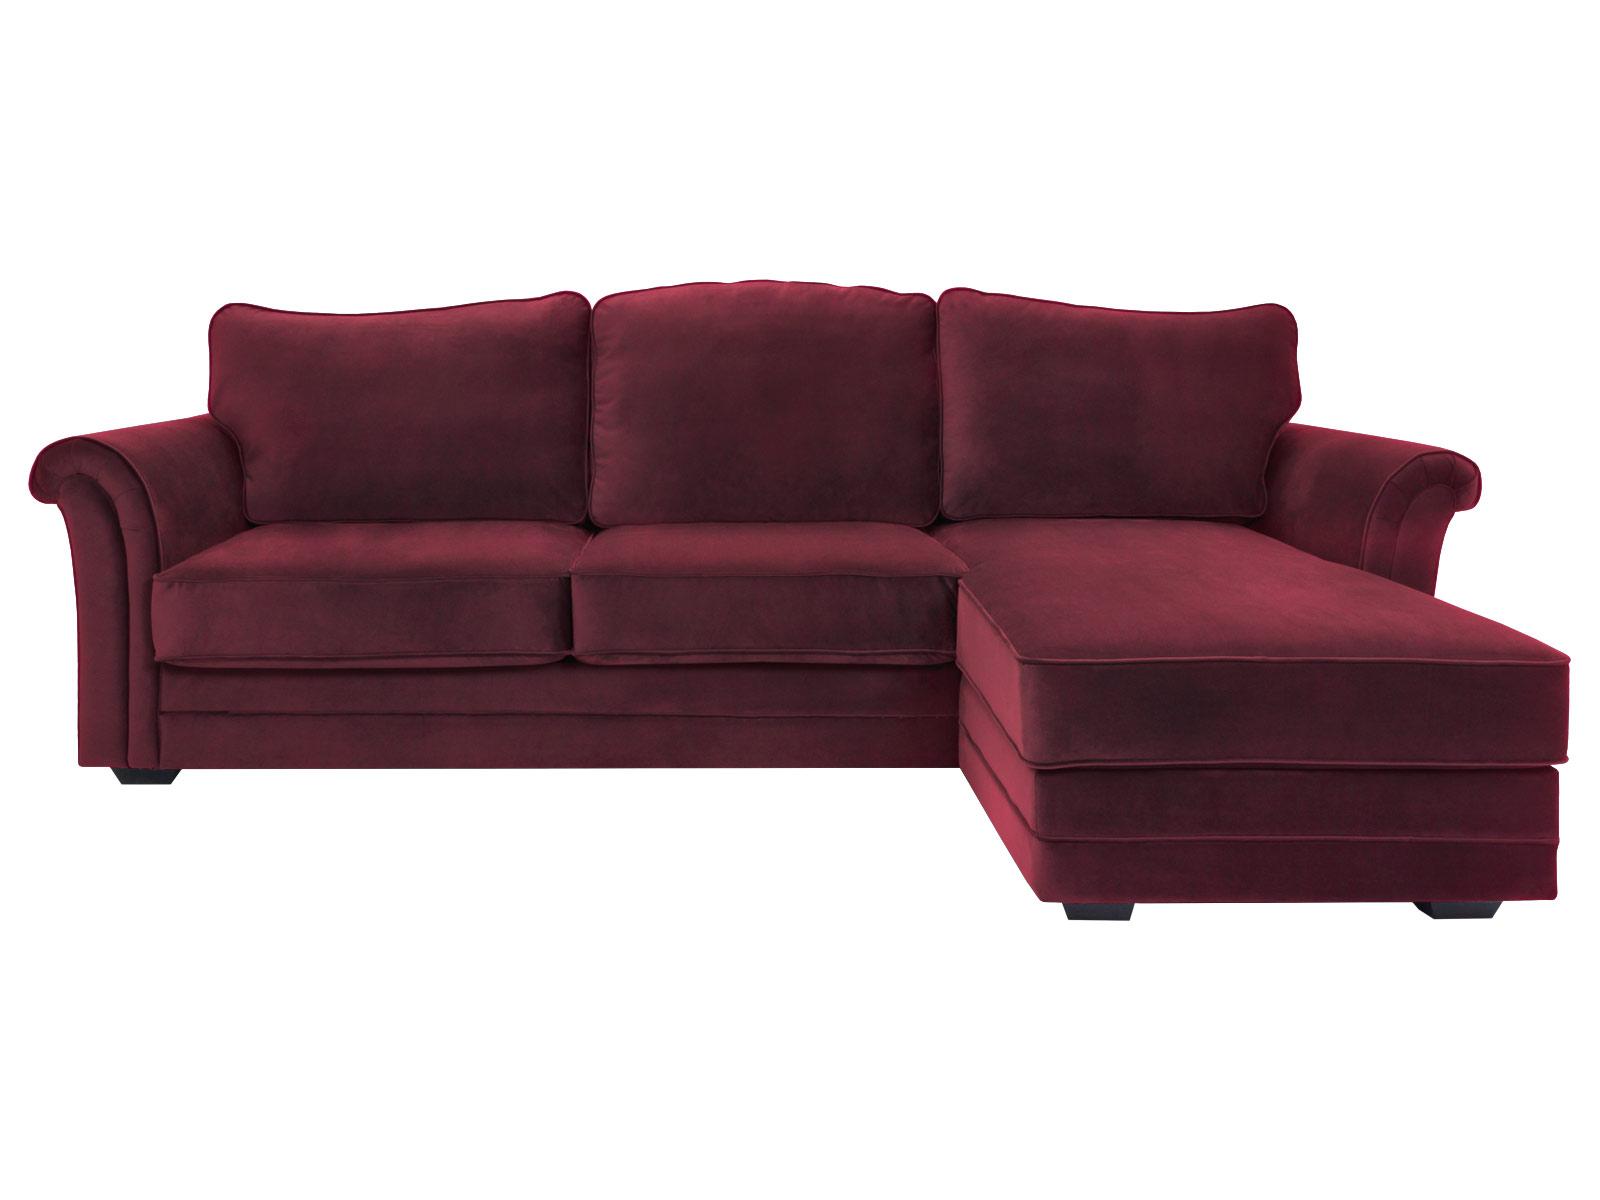 Диван SydУгловые раскладные диваны<br>&amp;lt;span style=&amp;quot;font-size: 14px;&amp;quot;&amp;gt;Угловой диван-кровать с оттоманкой и ёмкостью для хранения.&amp;amp;nbsp;&amp;lt;/span&amp;gt;&amp;lt;div style=&amp;quot;font-size: 14px;&amp;quot;&amp;gt;Оттоманка может располагаться как с правой, так и с левой стороны.&amp;amp;nbsp;&amp;lt;/div&amp;gt;&amp;lt;div style=&amp;quot;font-size: 14px;&amp;quot;&amp;gt;Размер спального места 1840х1330 мм.&amp;amp;nbsp;&amp;lt;/div&amp;gt;&amp;lt;div style=&amp;quot;font-size: 14px;&amp;quot;&amp;gt;&amp;lt;br&amp;gt;&amp;lt;/div&amp;gt;&amp;lt;div style=&amp;quot;font-size: 14px;&amp;quot;&amp;gt;&amp;lt;div&amp;gt;Каркас: деревянный брус, фанера&amp;lt;/div&amp;gt;&amp;lt;div&amp;gt;Подушки спинок: синтетическое волокно «синтепух»&amp;lt;/div&amp;gt;&amp;lt;div&amp;gt;Подушки сидений: пенополиуретан, синтепон, пружинный блок&amp;lt;/div&amp;gt;&amp;lt;div&amp;gt;Обивка: 100% полиэстер&amp;lt;/div&amp;gt;&amp;lt;div&amp;gt;Лицевые чехлы подушек съёмные&amp;lt;/div&amp;gt;&amp;lt;div&amp;gt;Глубина оттоманки:1510 мм&amp;lt;/div&amp;gt;&amp;lt;div&amp;gt;Ширина сиденья:2350мм&amp;lt;/div&amp;gt;&amp;lt;div&amp;gt;Глубина сиденья:570 мм&amp;lt;/div&amp;gt;&amp;lt;div&amp;gt;Высота сиденья:480 мм&amp;lt;/div&amp;gt;&amp;lt;/div&amp;gt;<br><br>Material: Текстиль<br>Width см: 283<br>Depth см: 193<br>Height см: 97